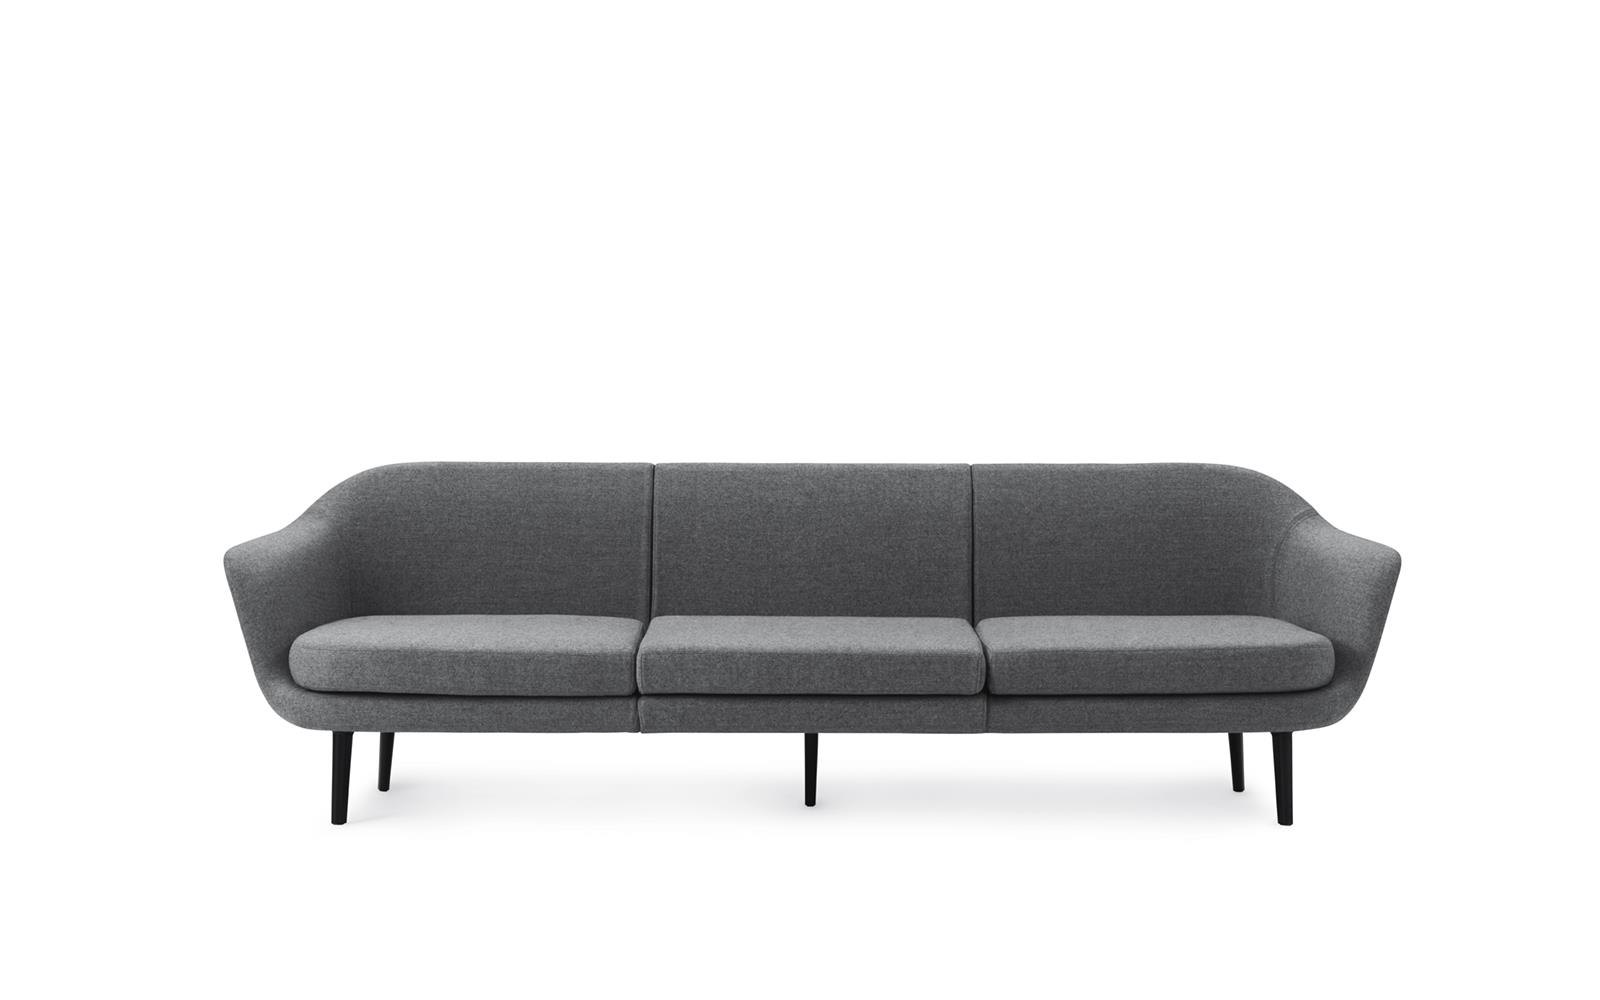 Full Size of Modulares Sofa Leder Mit Schlaffunktion Lennon Westwing Kissen Ikea System Dhel Modular Set Flex Halbrund L Form 2 Sitzer Relaxfunktion Mondo Walter Knoll Sofa Modulares Sofa